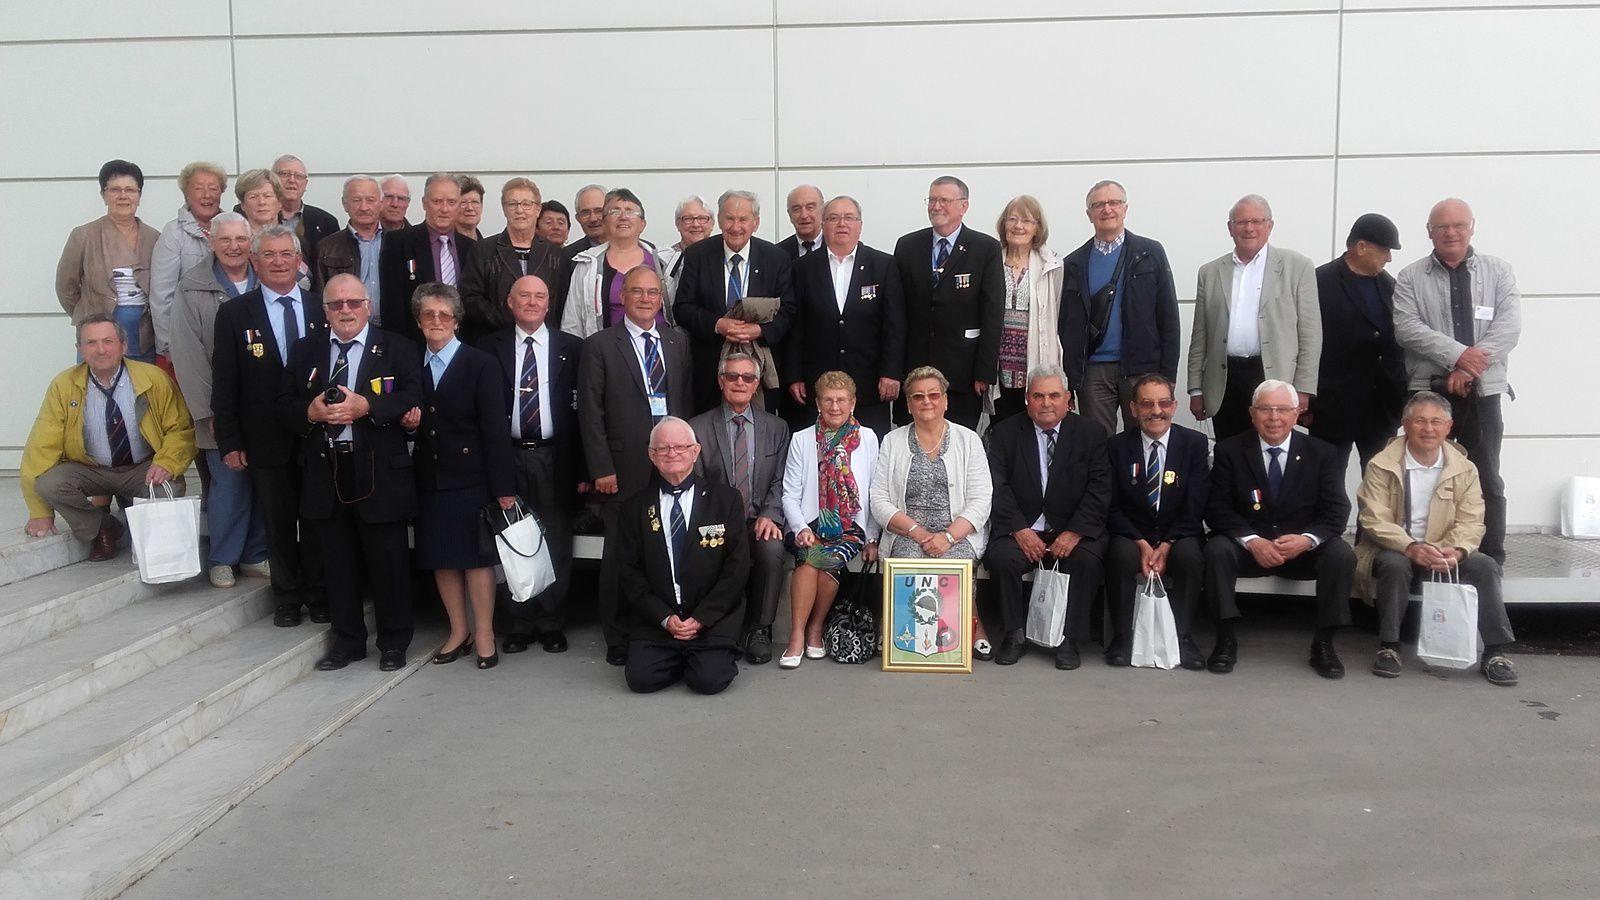 Congrès de Bordeaux, la photo du groupe de l'UNC d'Ille-et-Vilaine